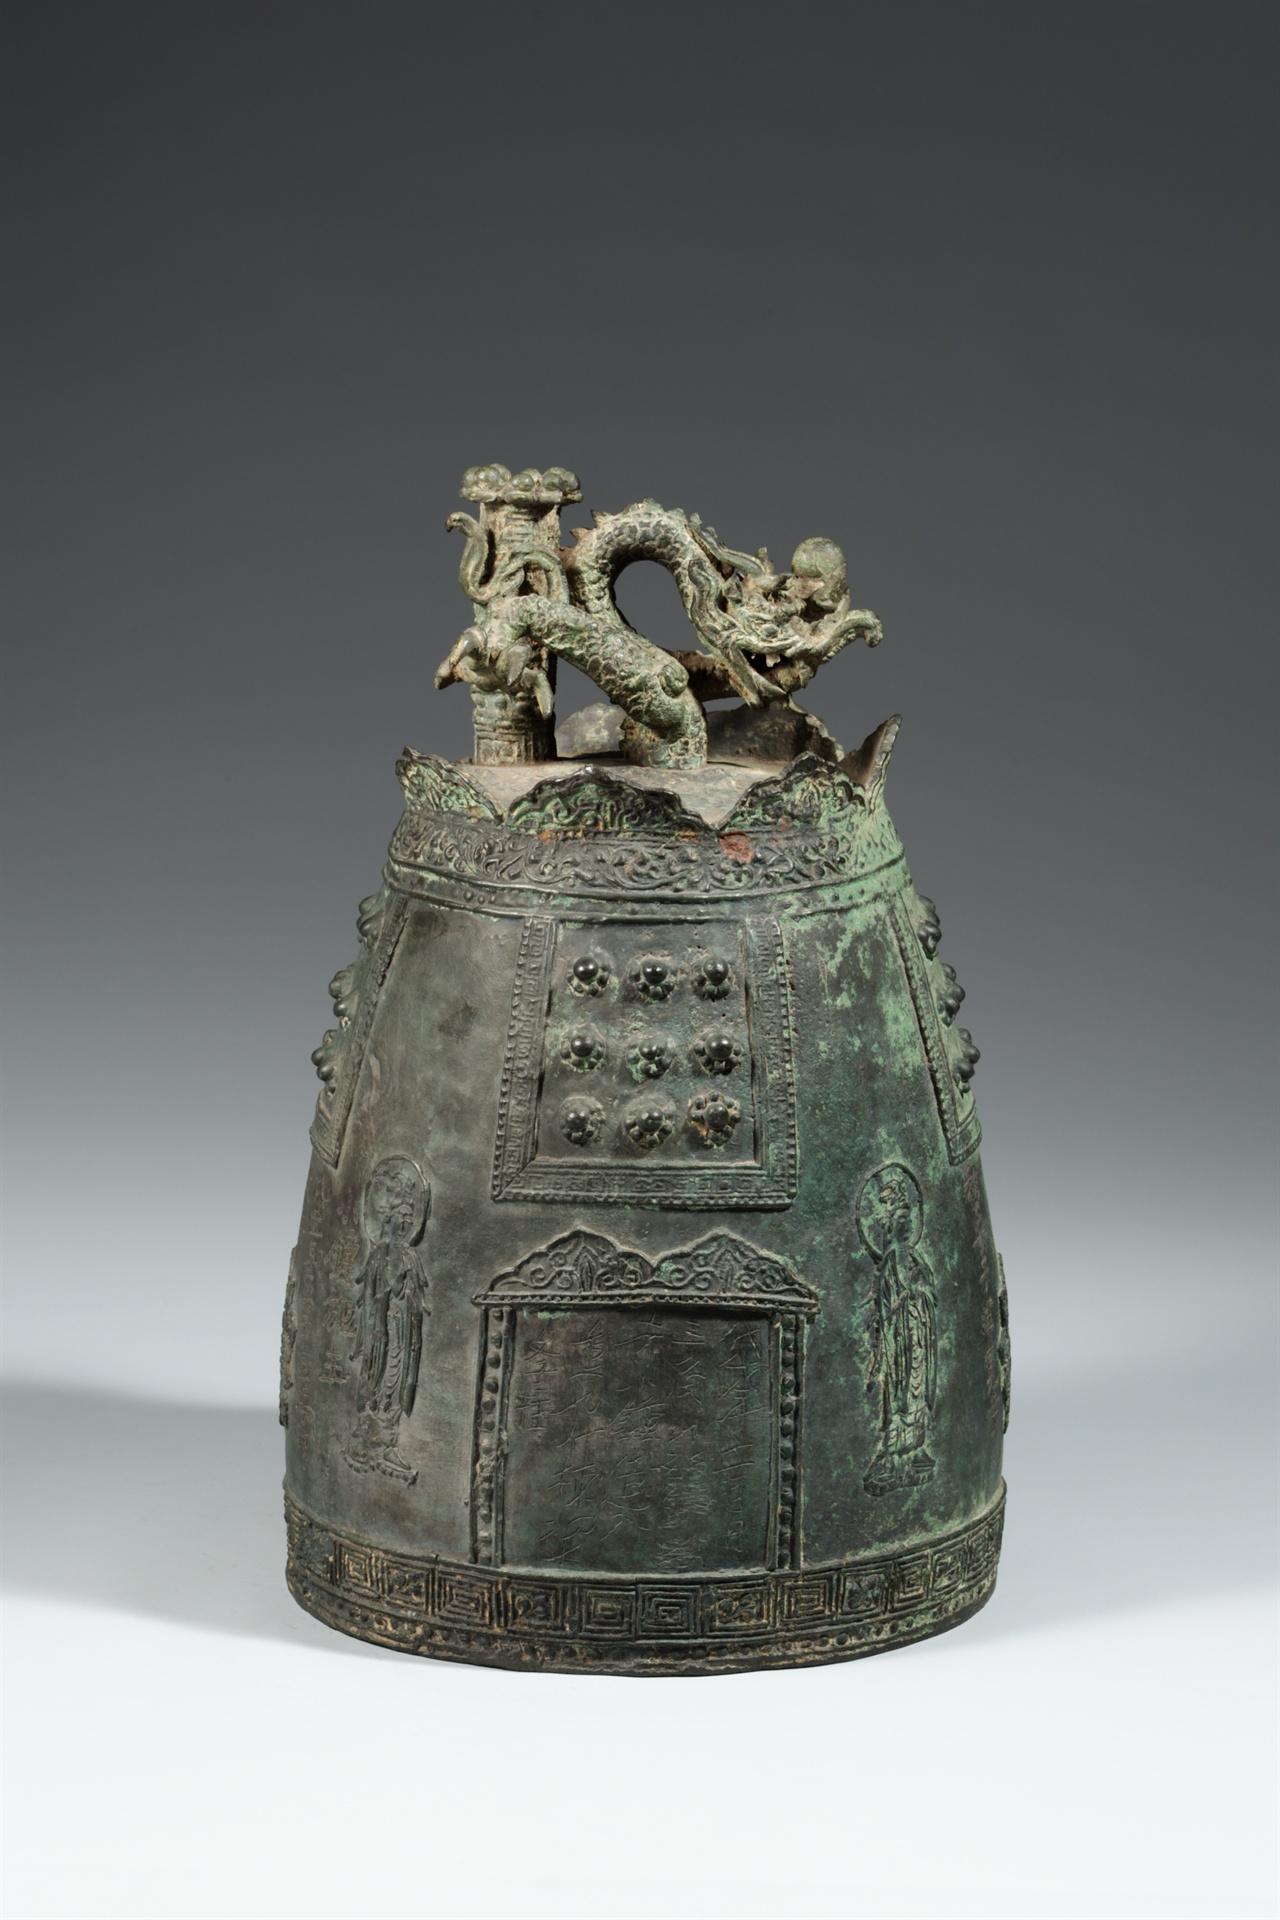 진관사동종 1967년 고양군 신도면 진관내리 산52-2번지 윤경민 씨 집 증축과정에서 발견된  진관사동종. 고려 때 제작된 것으로 추정되며 현재 국립중앙박물관에 소장되어 있다.